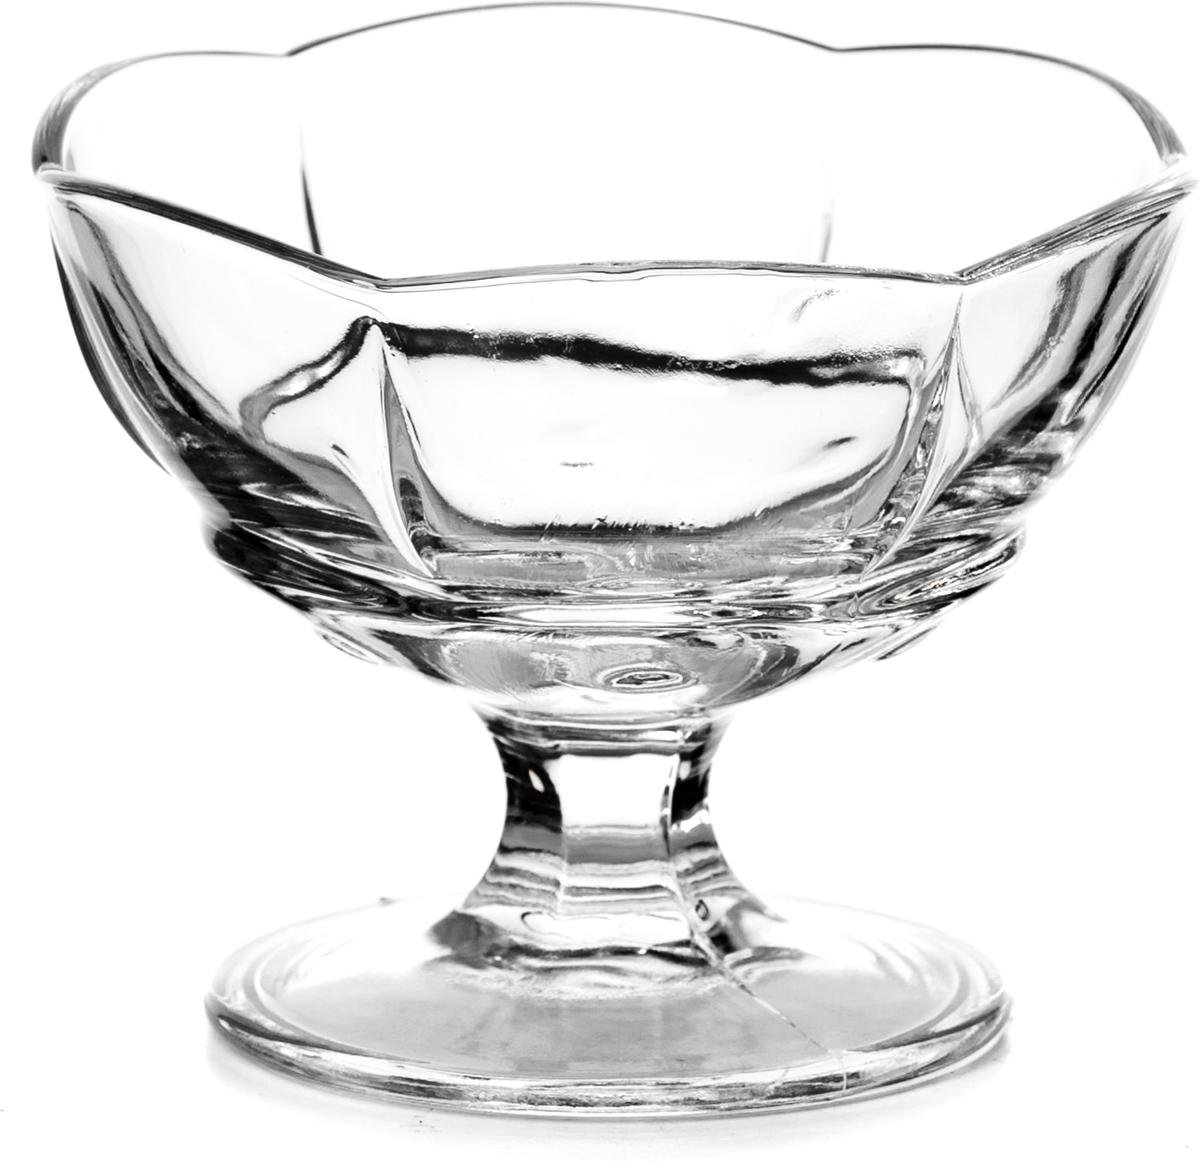 Набор креманок Pasabahce Ice Ville, 174 мл, 2 шт51368BКреманки Pasabahce Ice Ville изготовлены из прозрачного рельефного стекла. Благодаря высокому уровню применяемых технологий изделие может использоваться на протяжении многих лет, не утрачивая эстетической привлекательности и оставаясь функциональным и современным.Высота: 8 см.